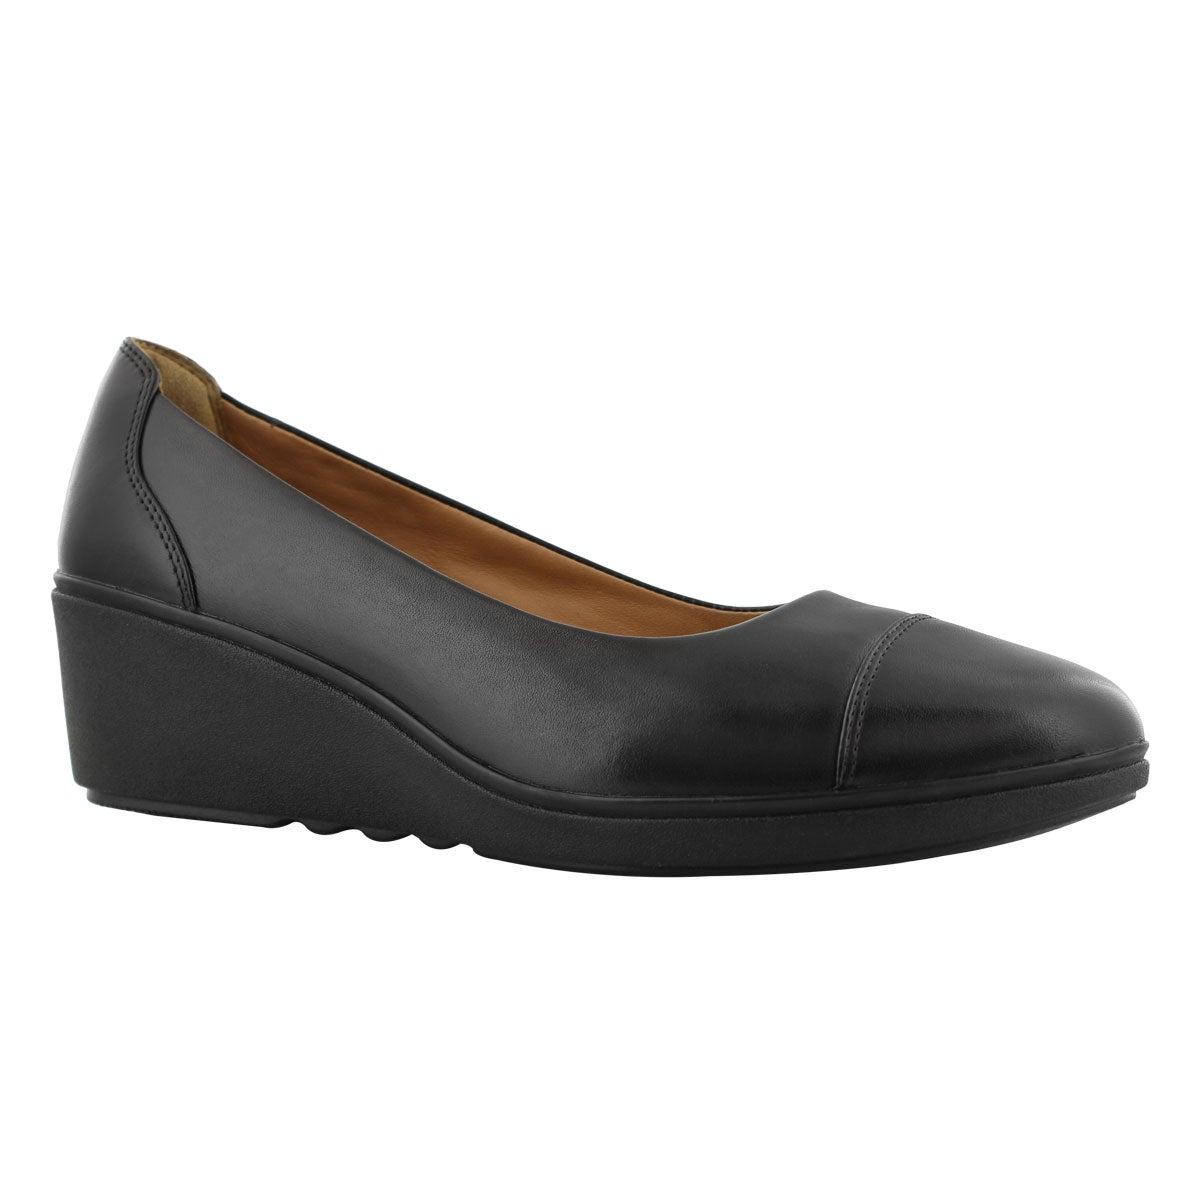 Lds Un Tallara Dee wedge dress shoe